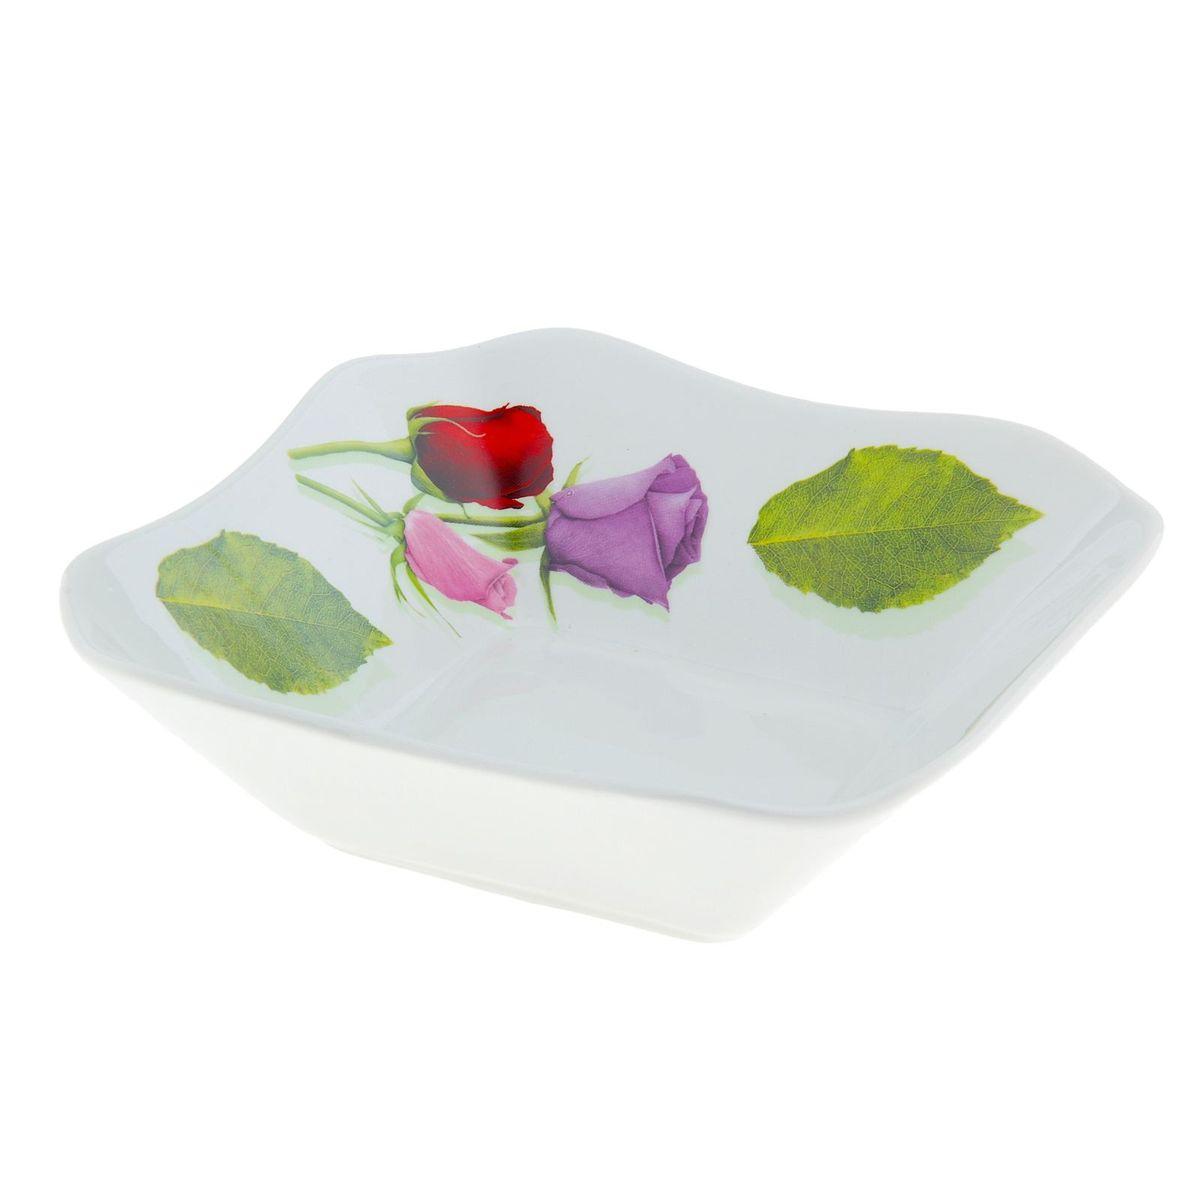 Салатник Королева цветов, квадратный, 720 мл507853Элегантный салатник Королева цветов, изготовленный из высококачественного фарфора, прекрасно подойдет для подачи различных блюд: закусок, салатов или фруктов. Такой салатник украсит ваш праздничный или обеденный стол, а оригинальное исполнение понравится любой хозяйке.Размер салатника: 18 х 18 см.